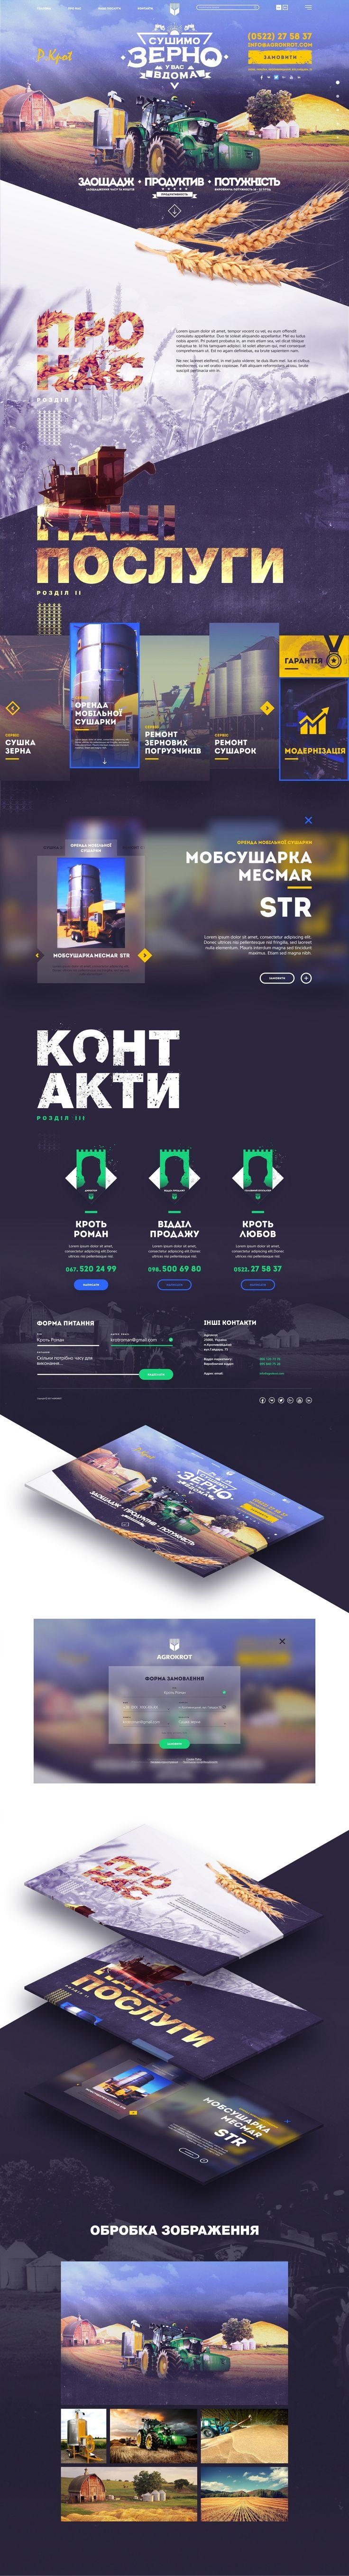 AGROKROT Website